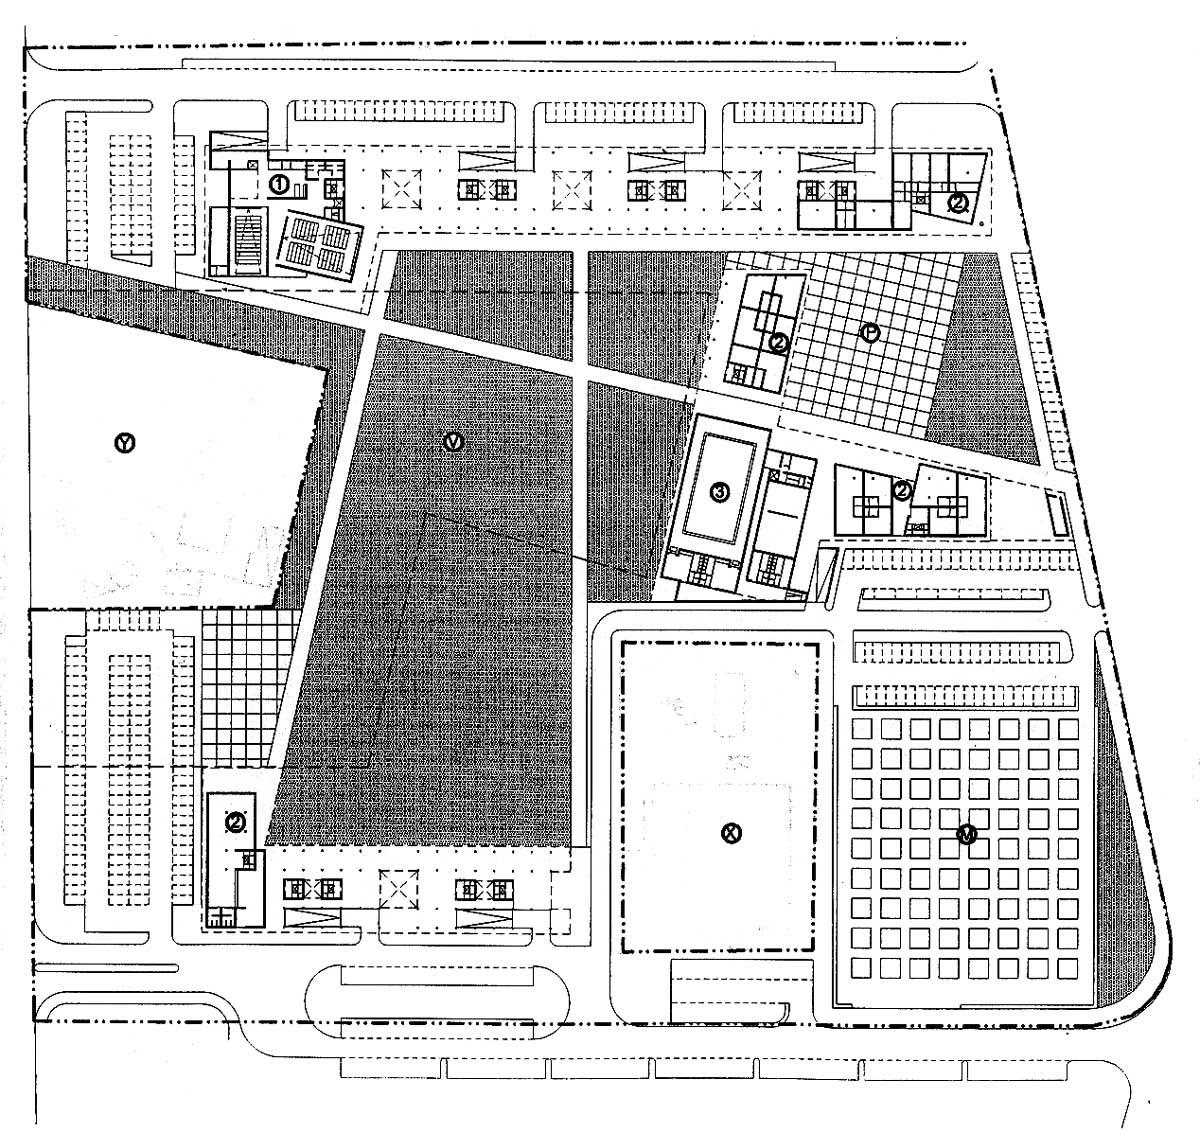 28 - PdR art. 11 a Roma - San Basilio, bando Comune di Roma; in collaborazione - Planimetria generale